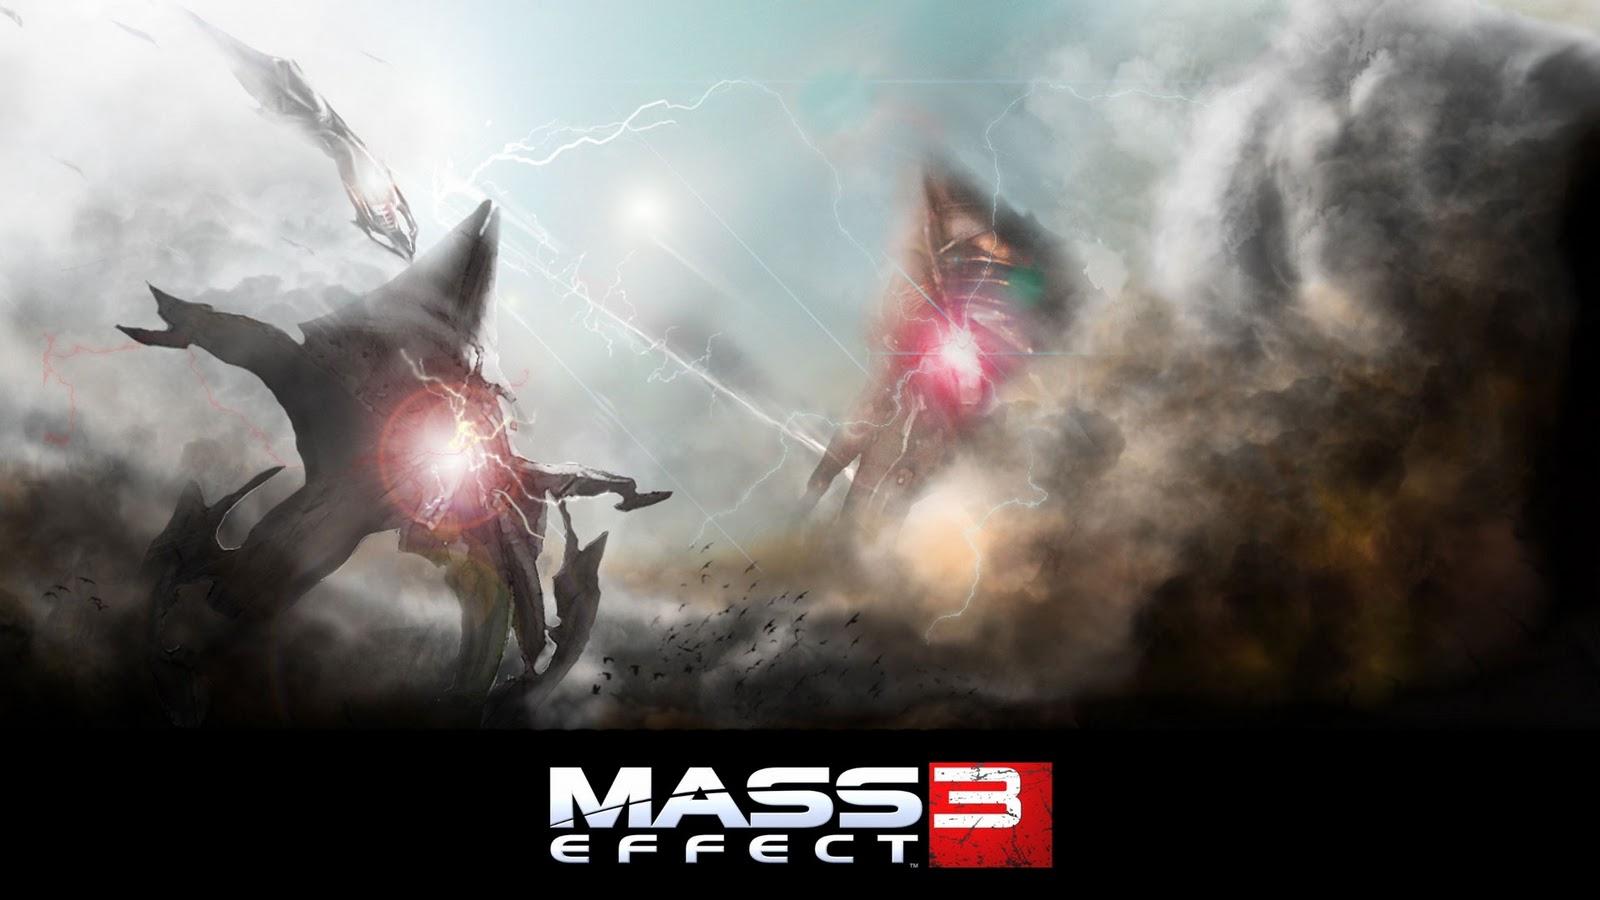 http://1.bp.blogspot.com/-3axpLuPyYyw/TtlO-JizZnI/AAAAAAAAJjc/1-Zn4UvlxM0/s1600/Mass+Effect+3+HD+Wallpapers%252C+Game+Wallpaper+3.jpg